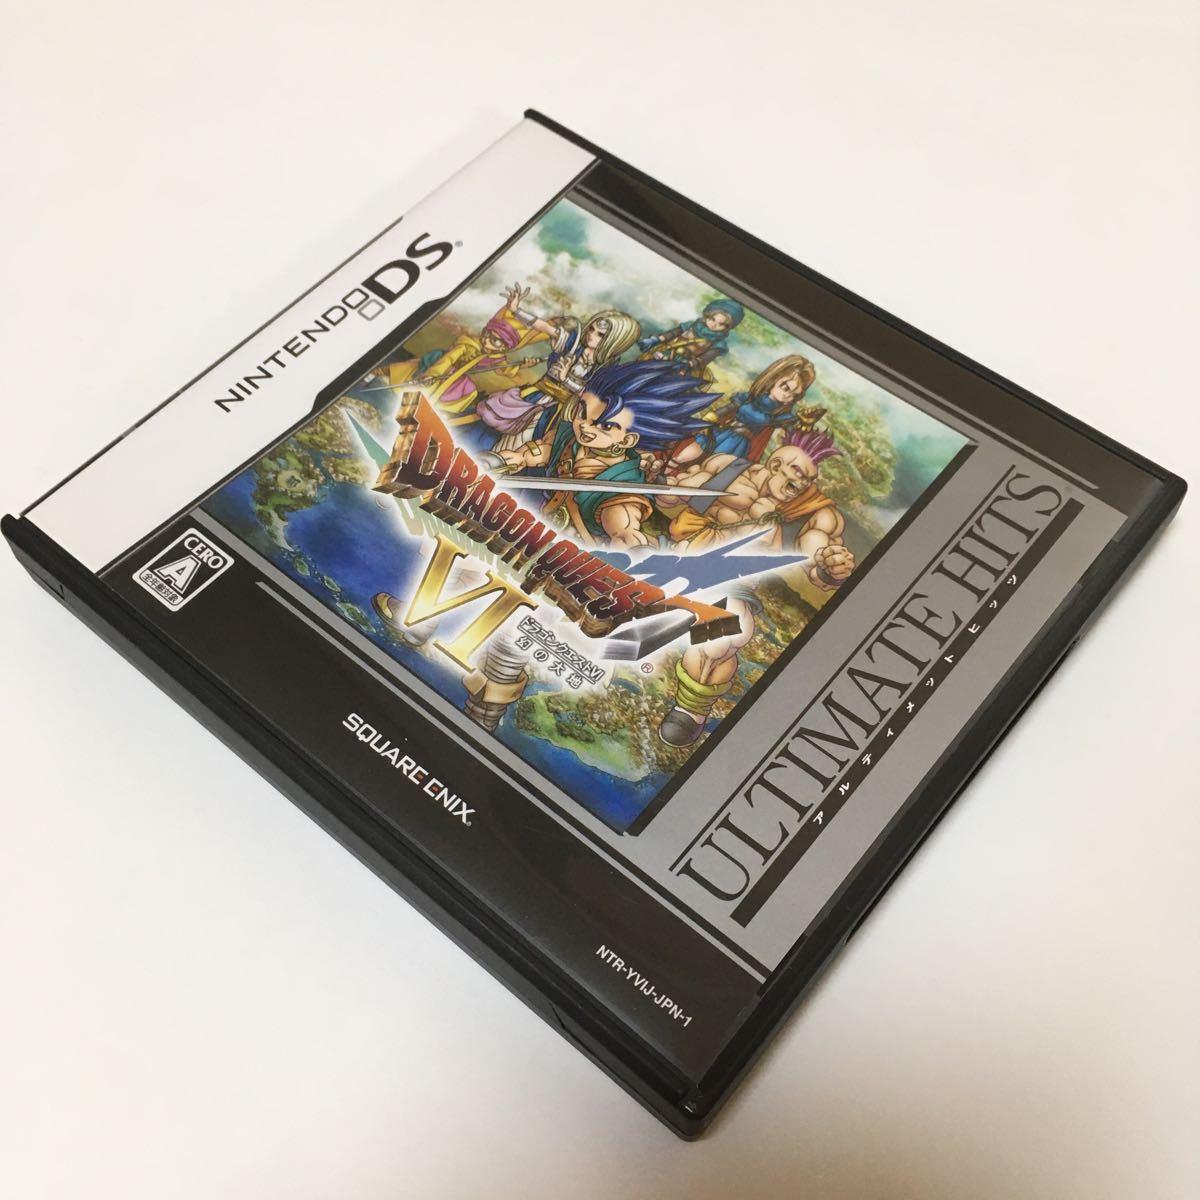 ニンテンドーDS ソフト ドラゴンクエスト6 幻の大地 動作確認済み ドラクエ6  カセット 任天堂 廉価版 スーファミ レトロ